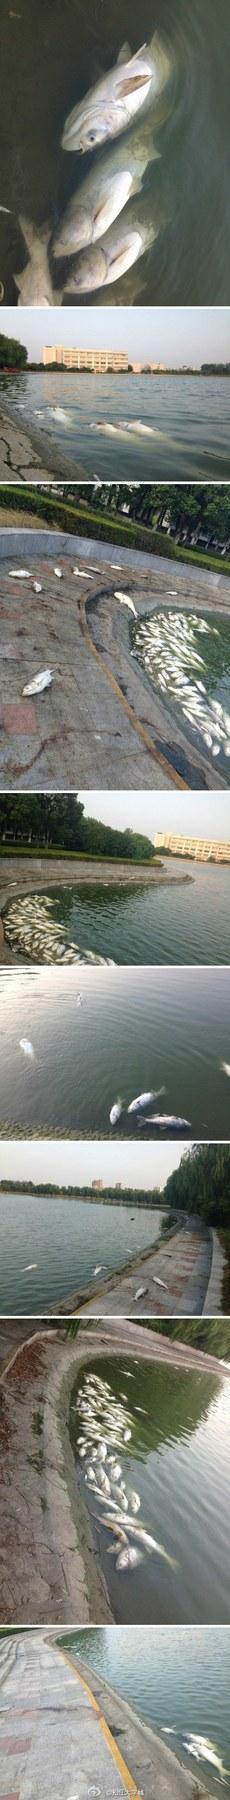 思源湖湖面飘起大量死鱼(网络图片)